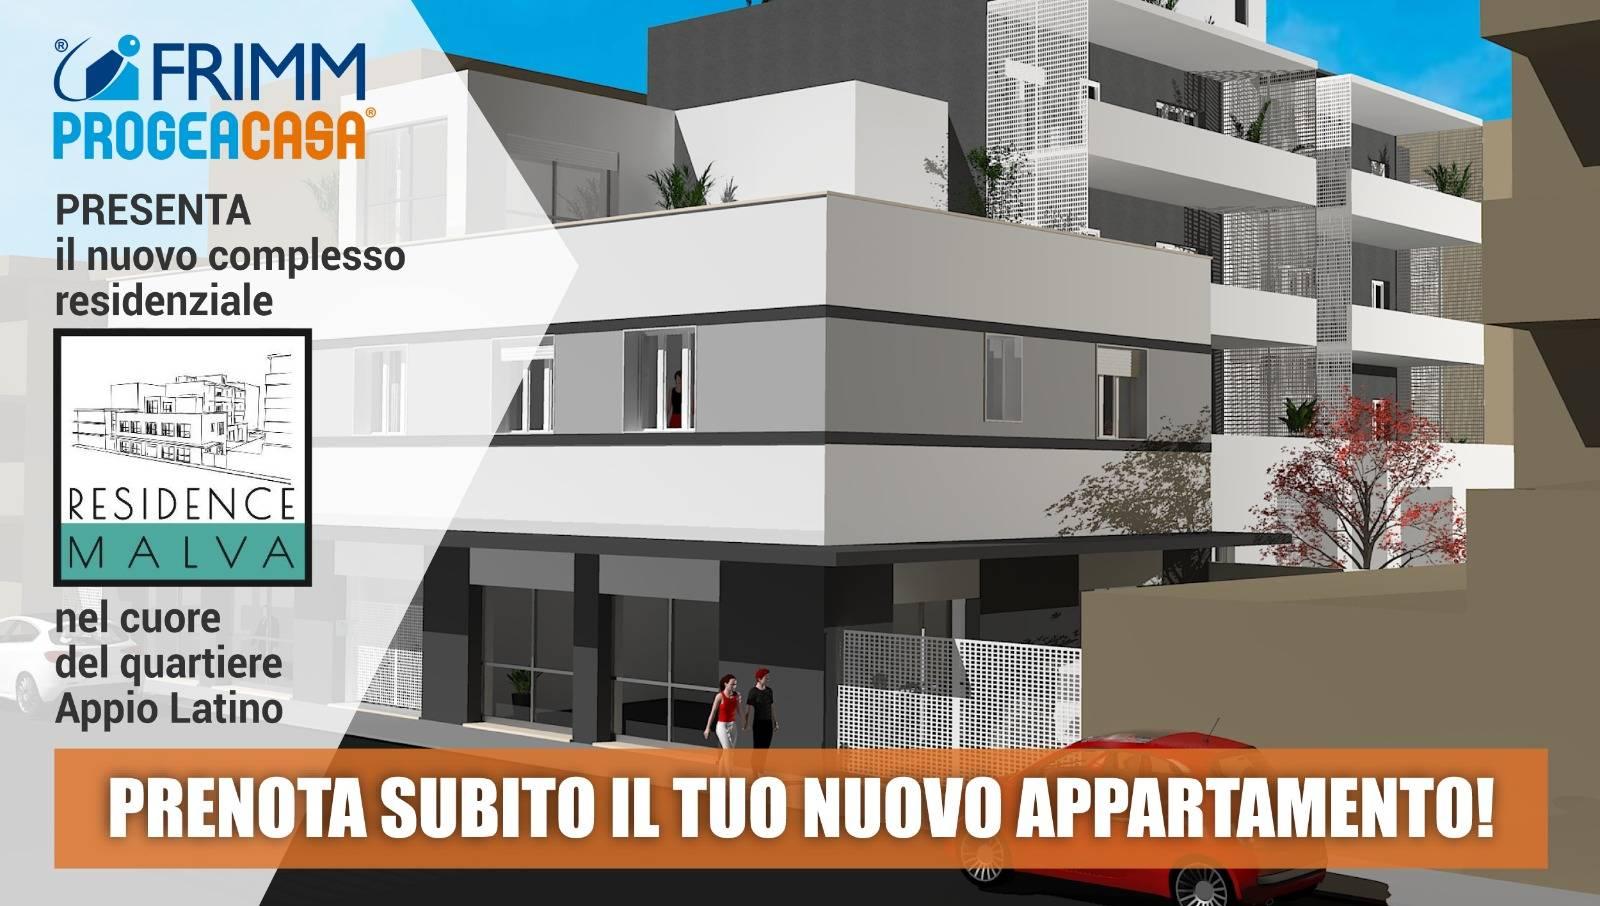 111842168 Quadrilocale in Via Michele Amari, Roma, Zona Appio Latino Nuove Costruzioni